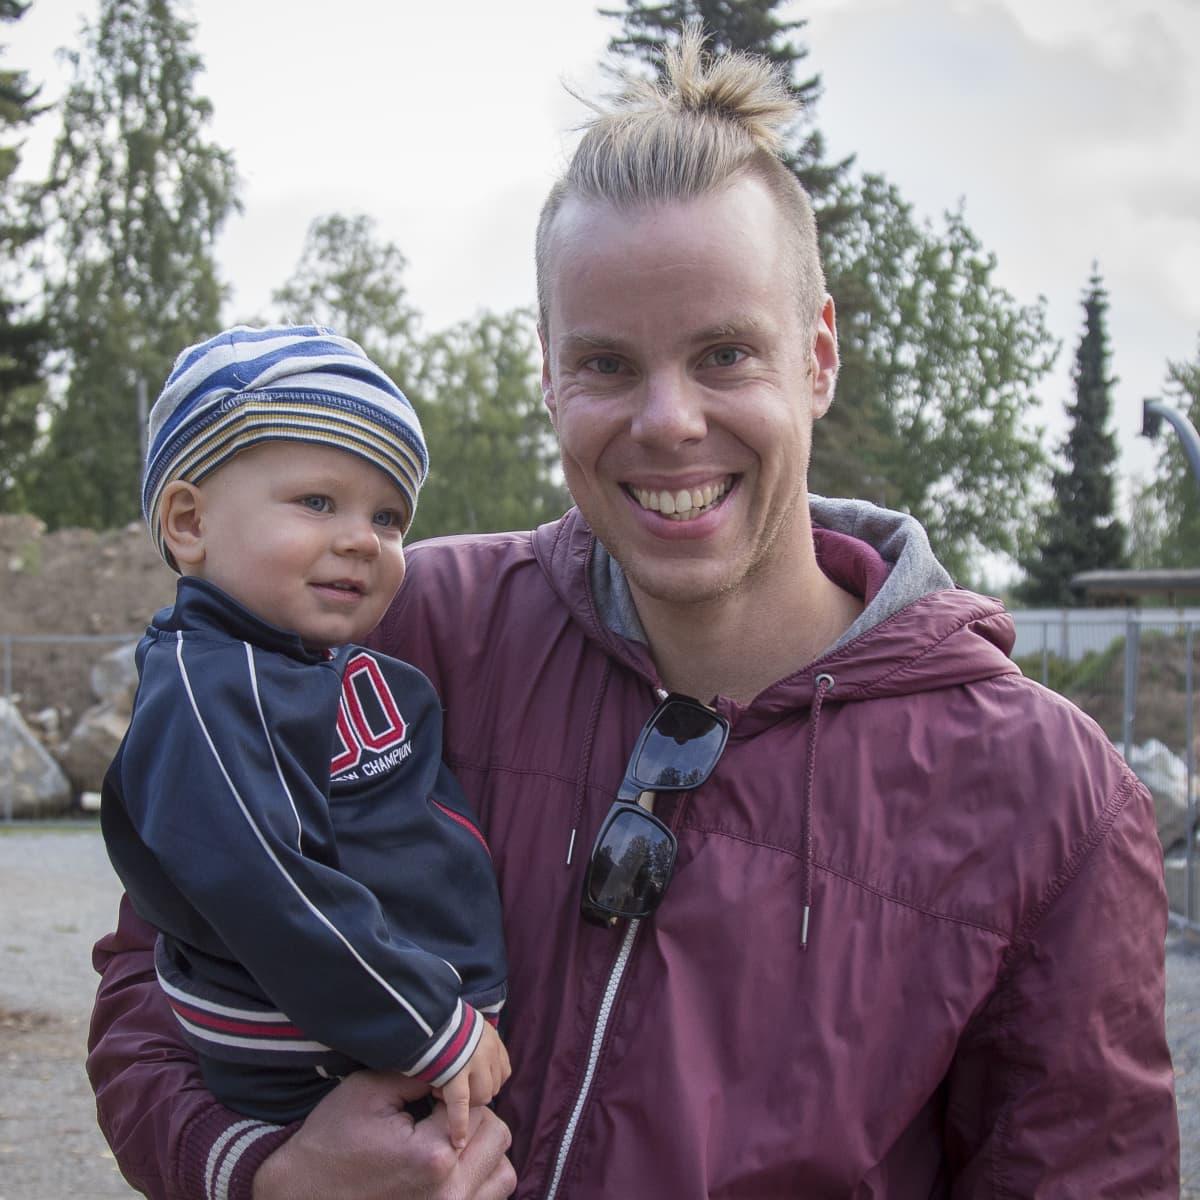 Jussi Jokinen lapsensa kanssa Kangasalalaisen Vatialan koulun pihalla.